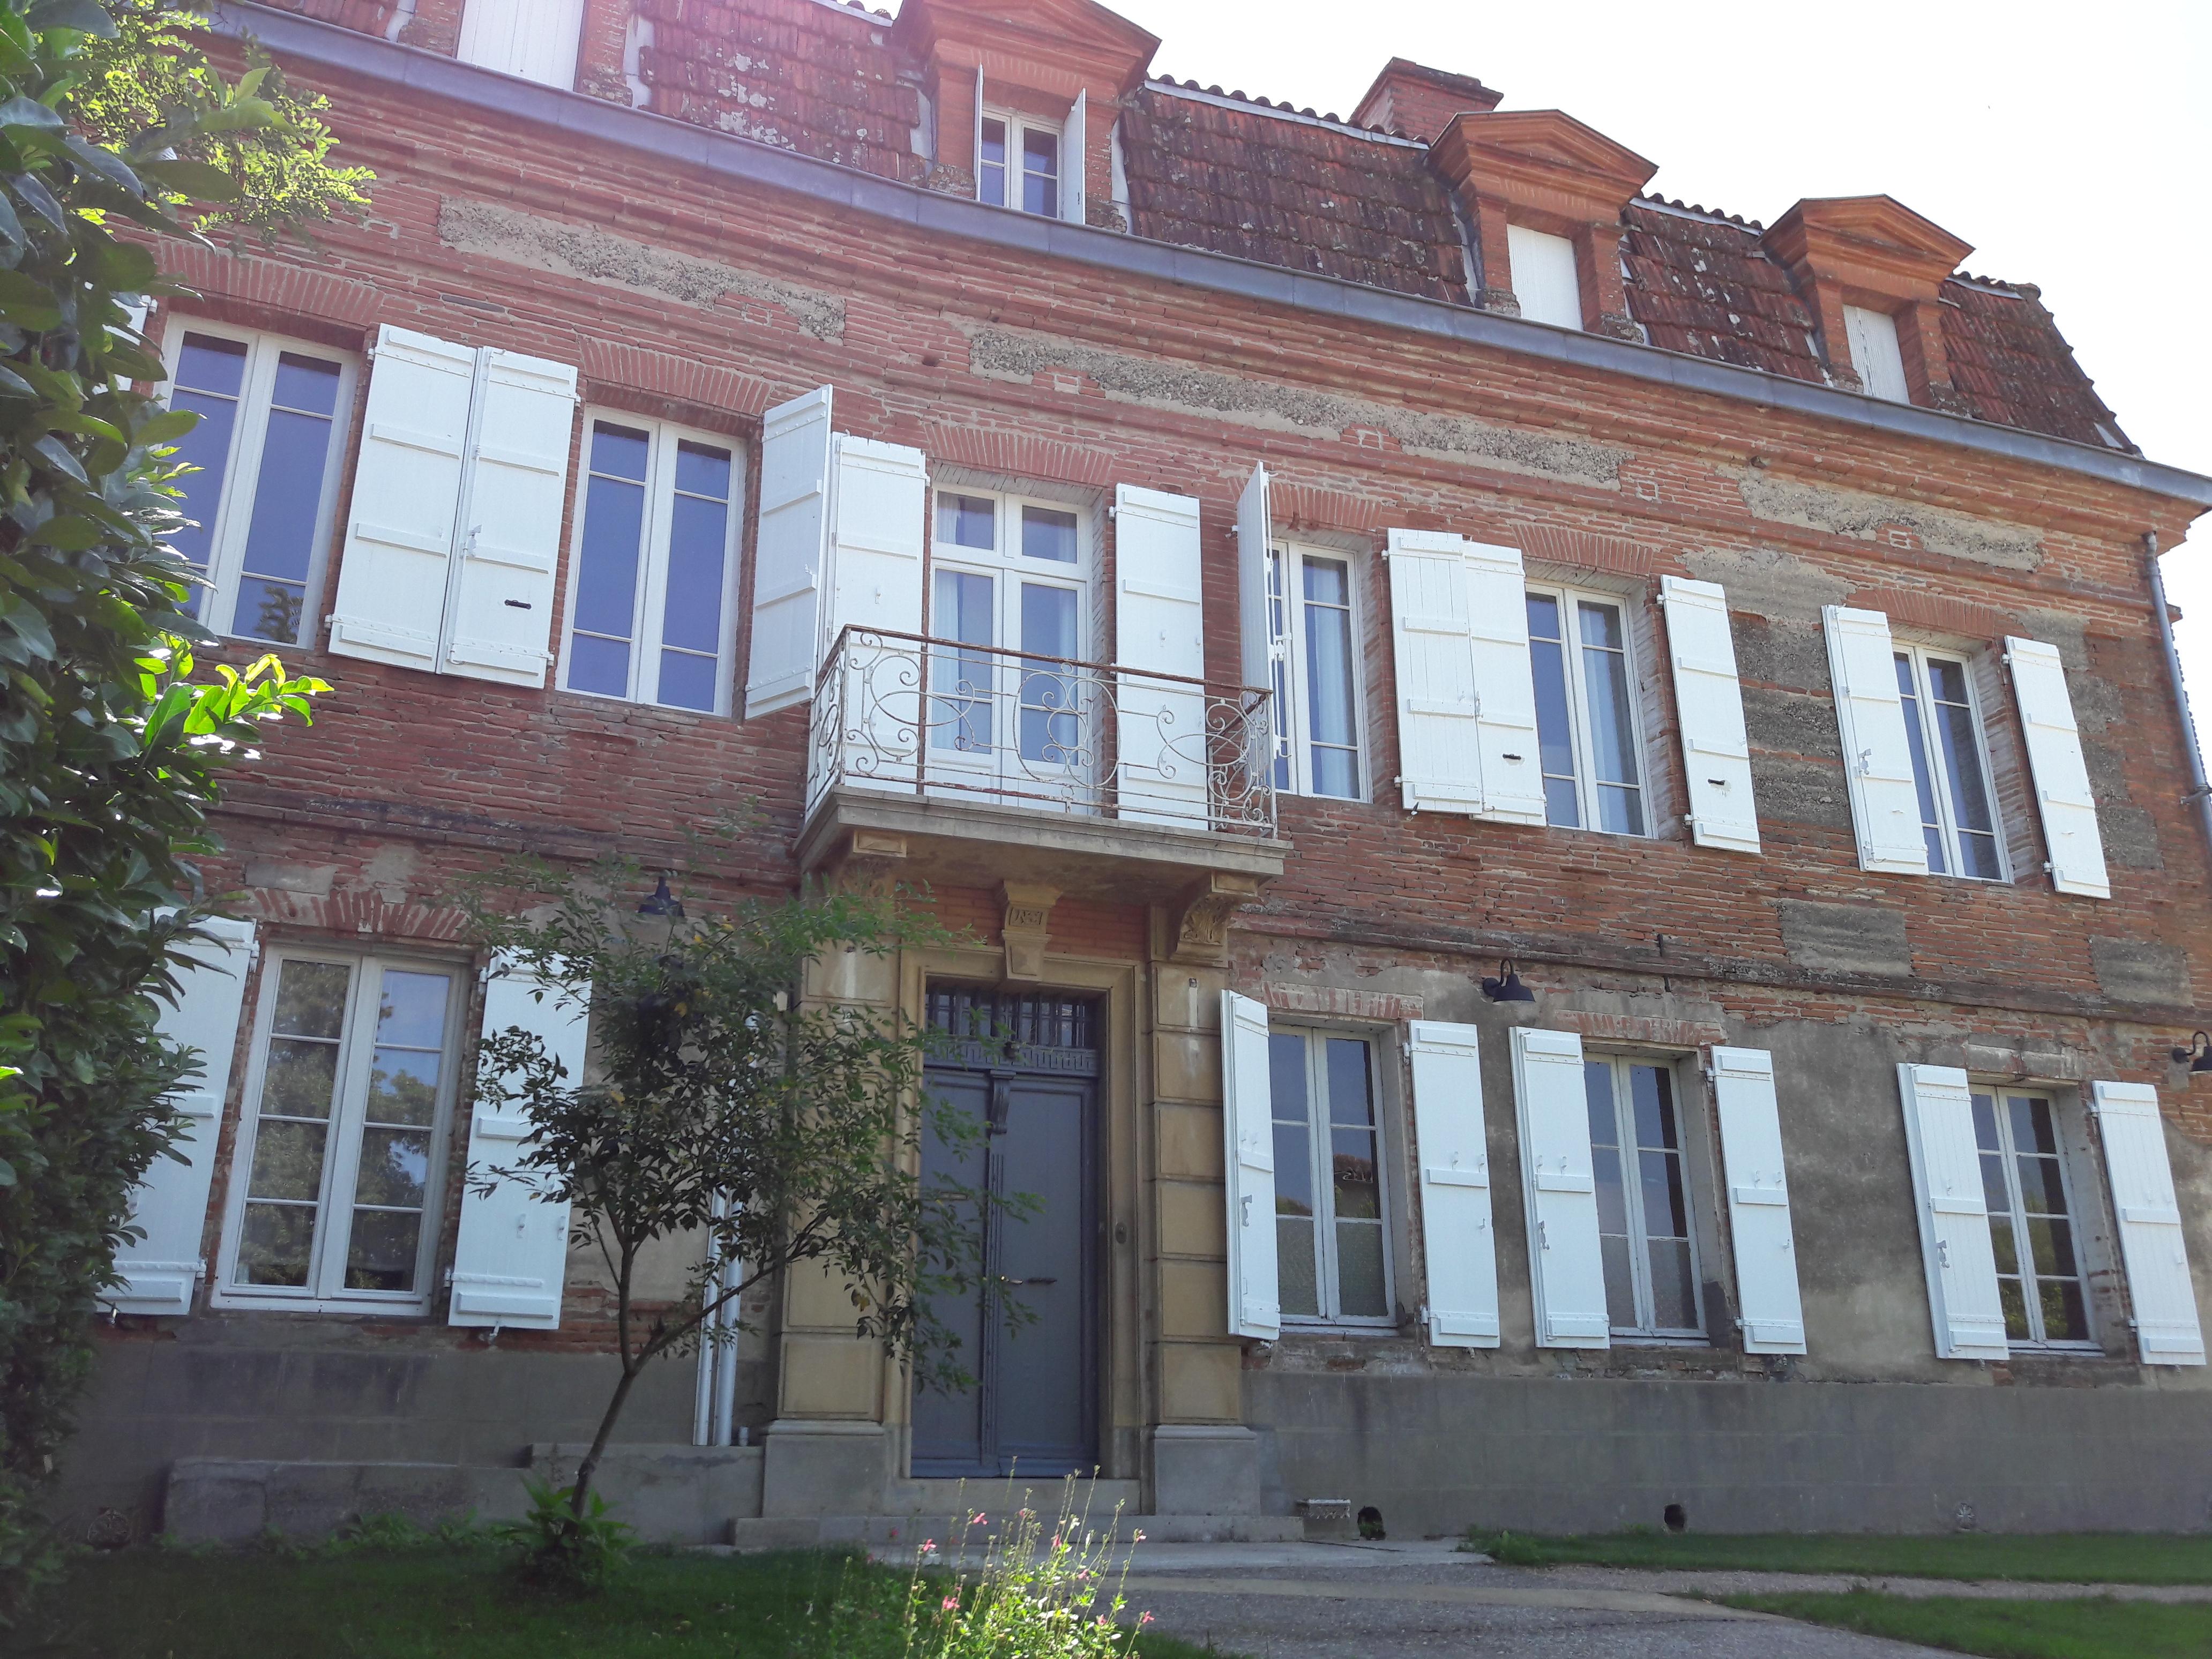 chambres d'hotes dans le Tarn-et-Garonne